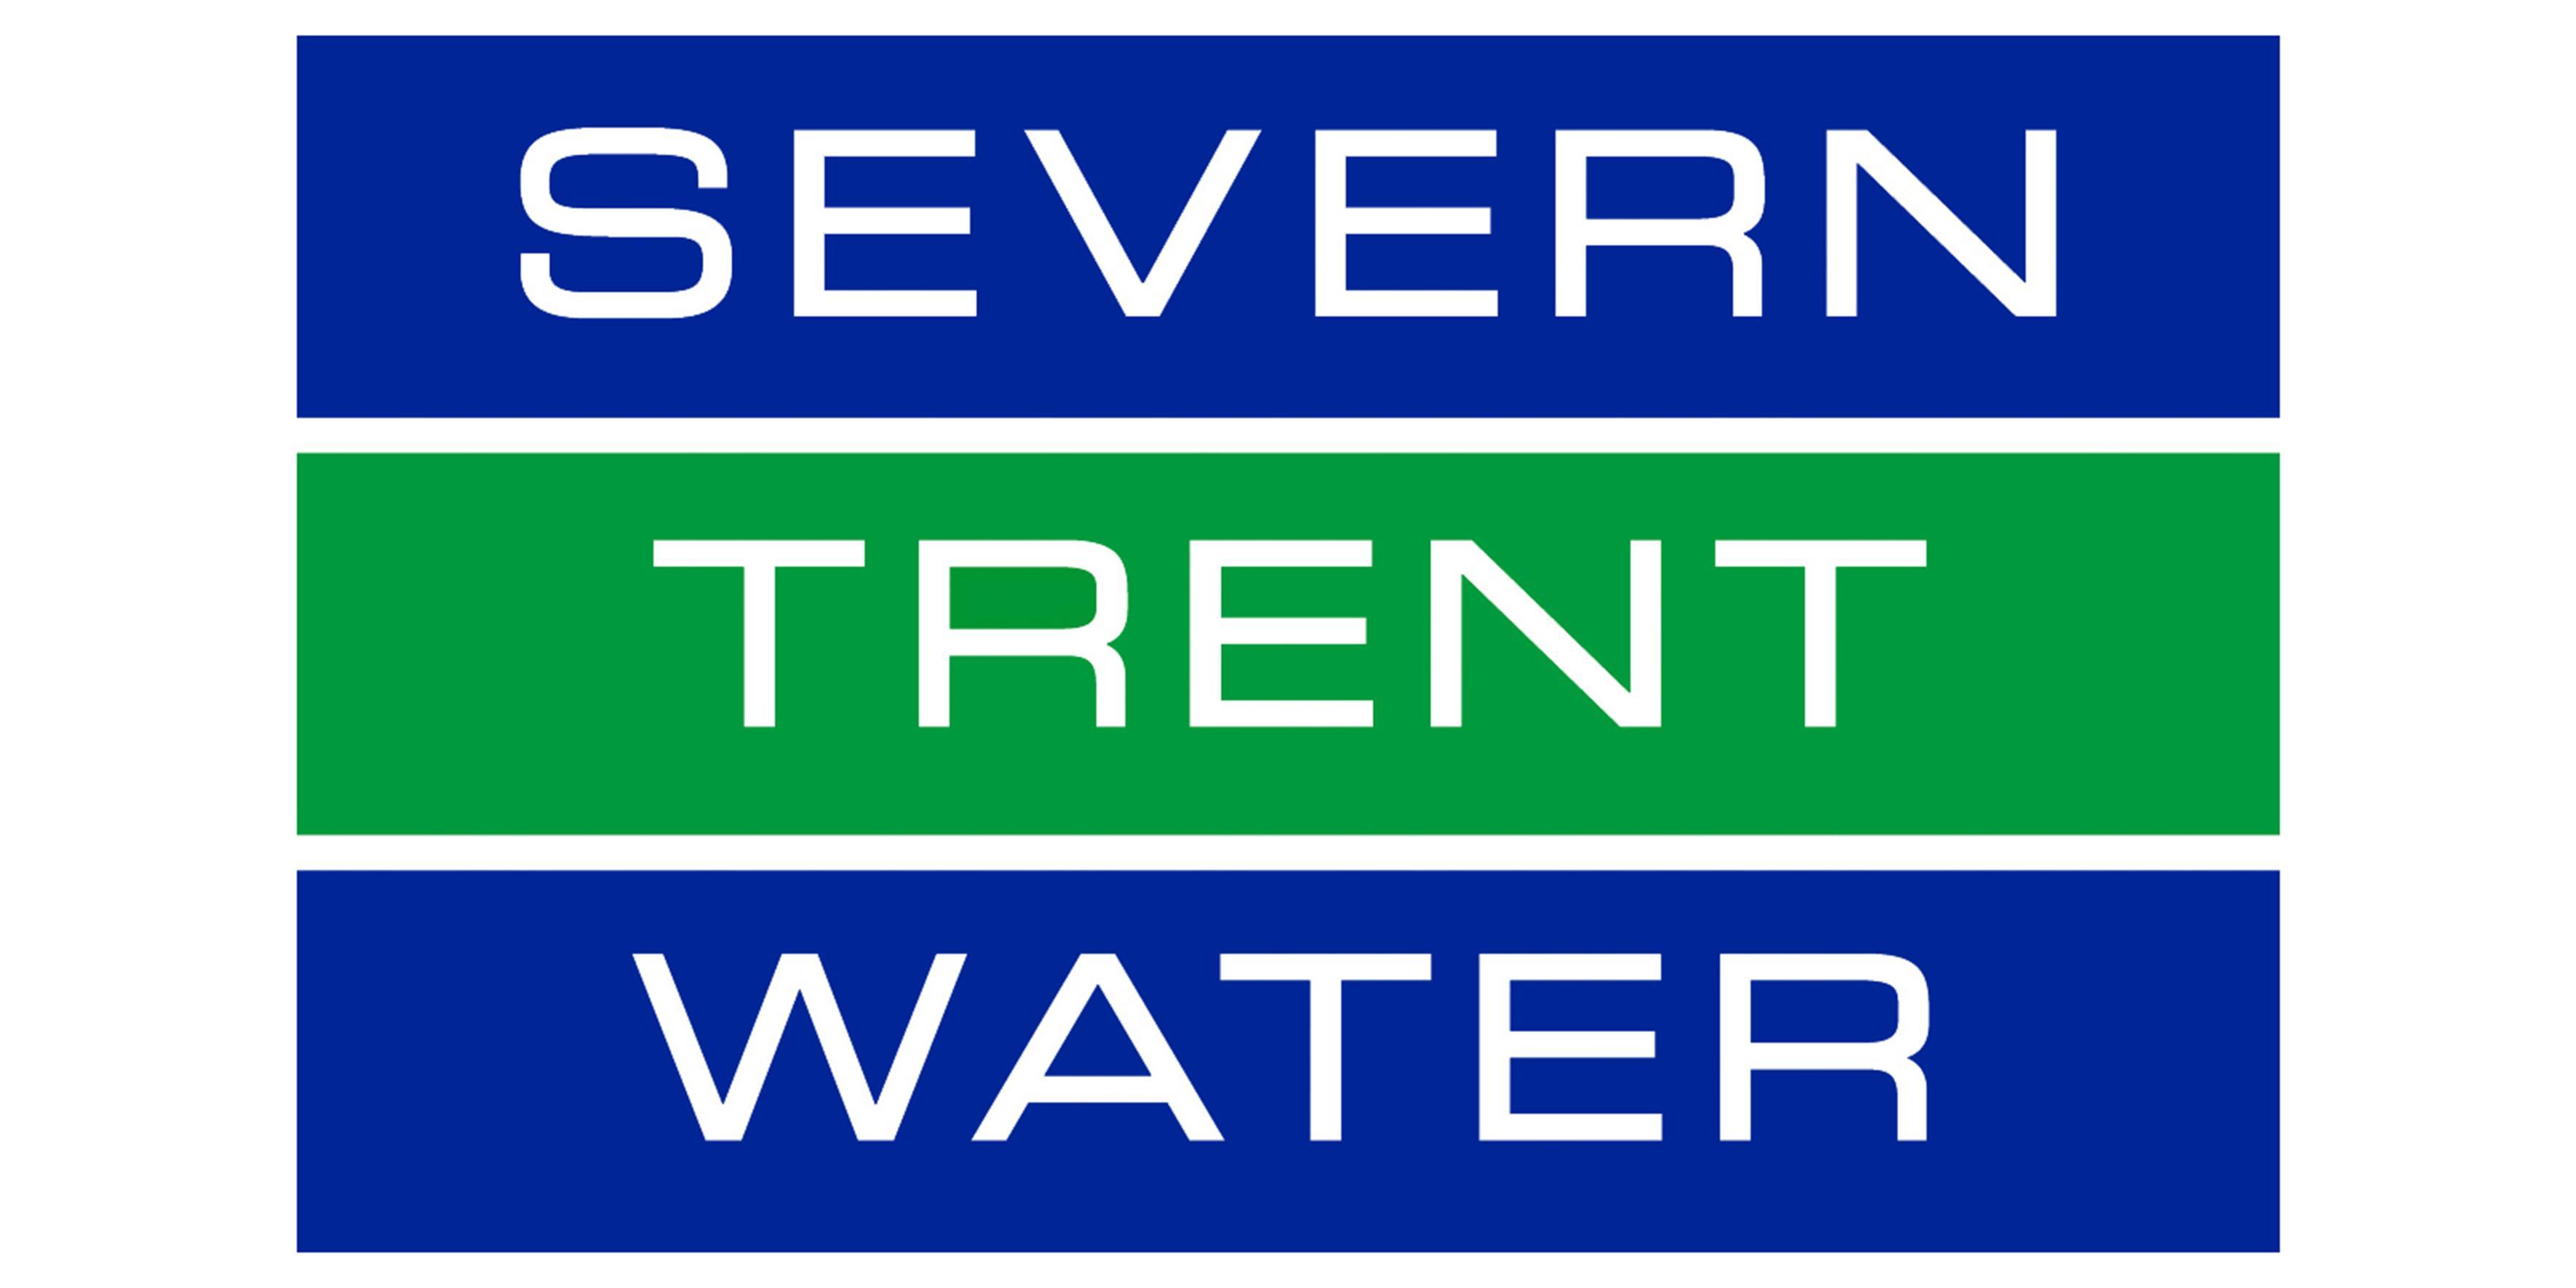 Severn_Trent_Logo